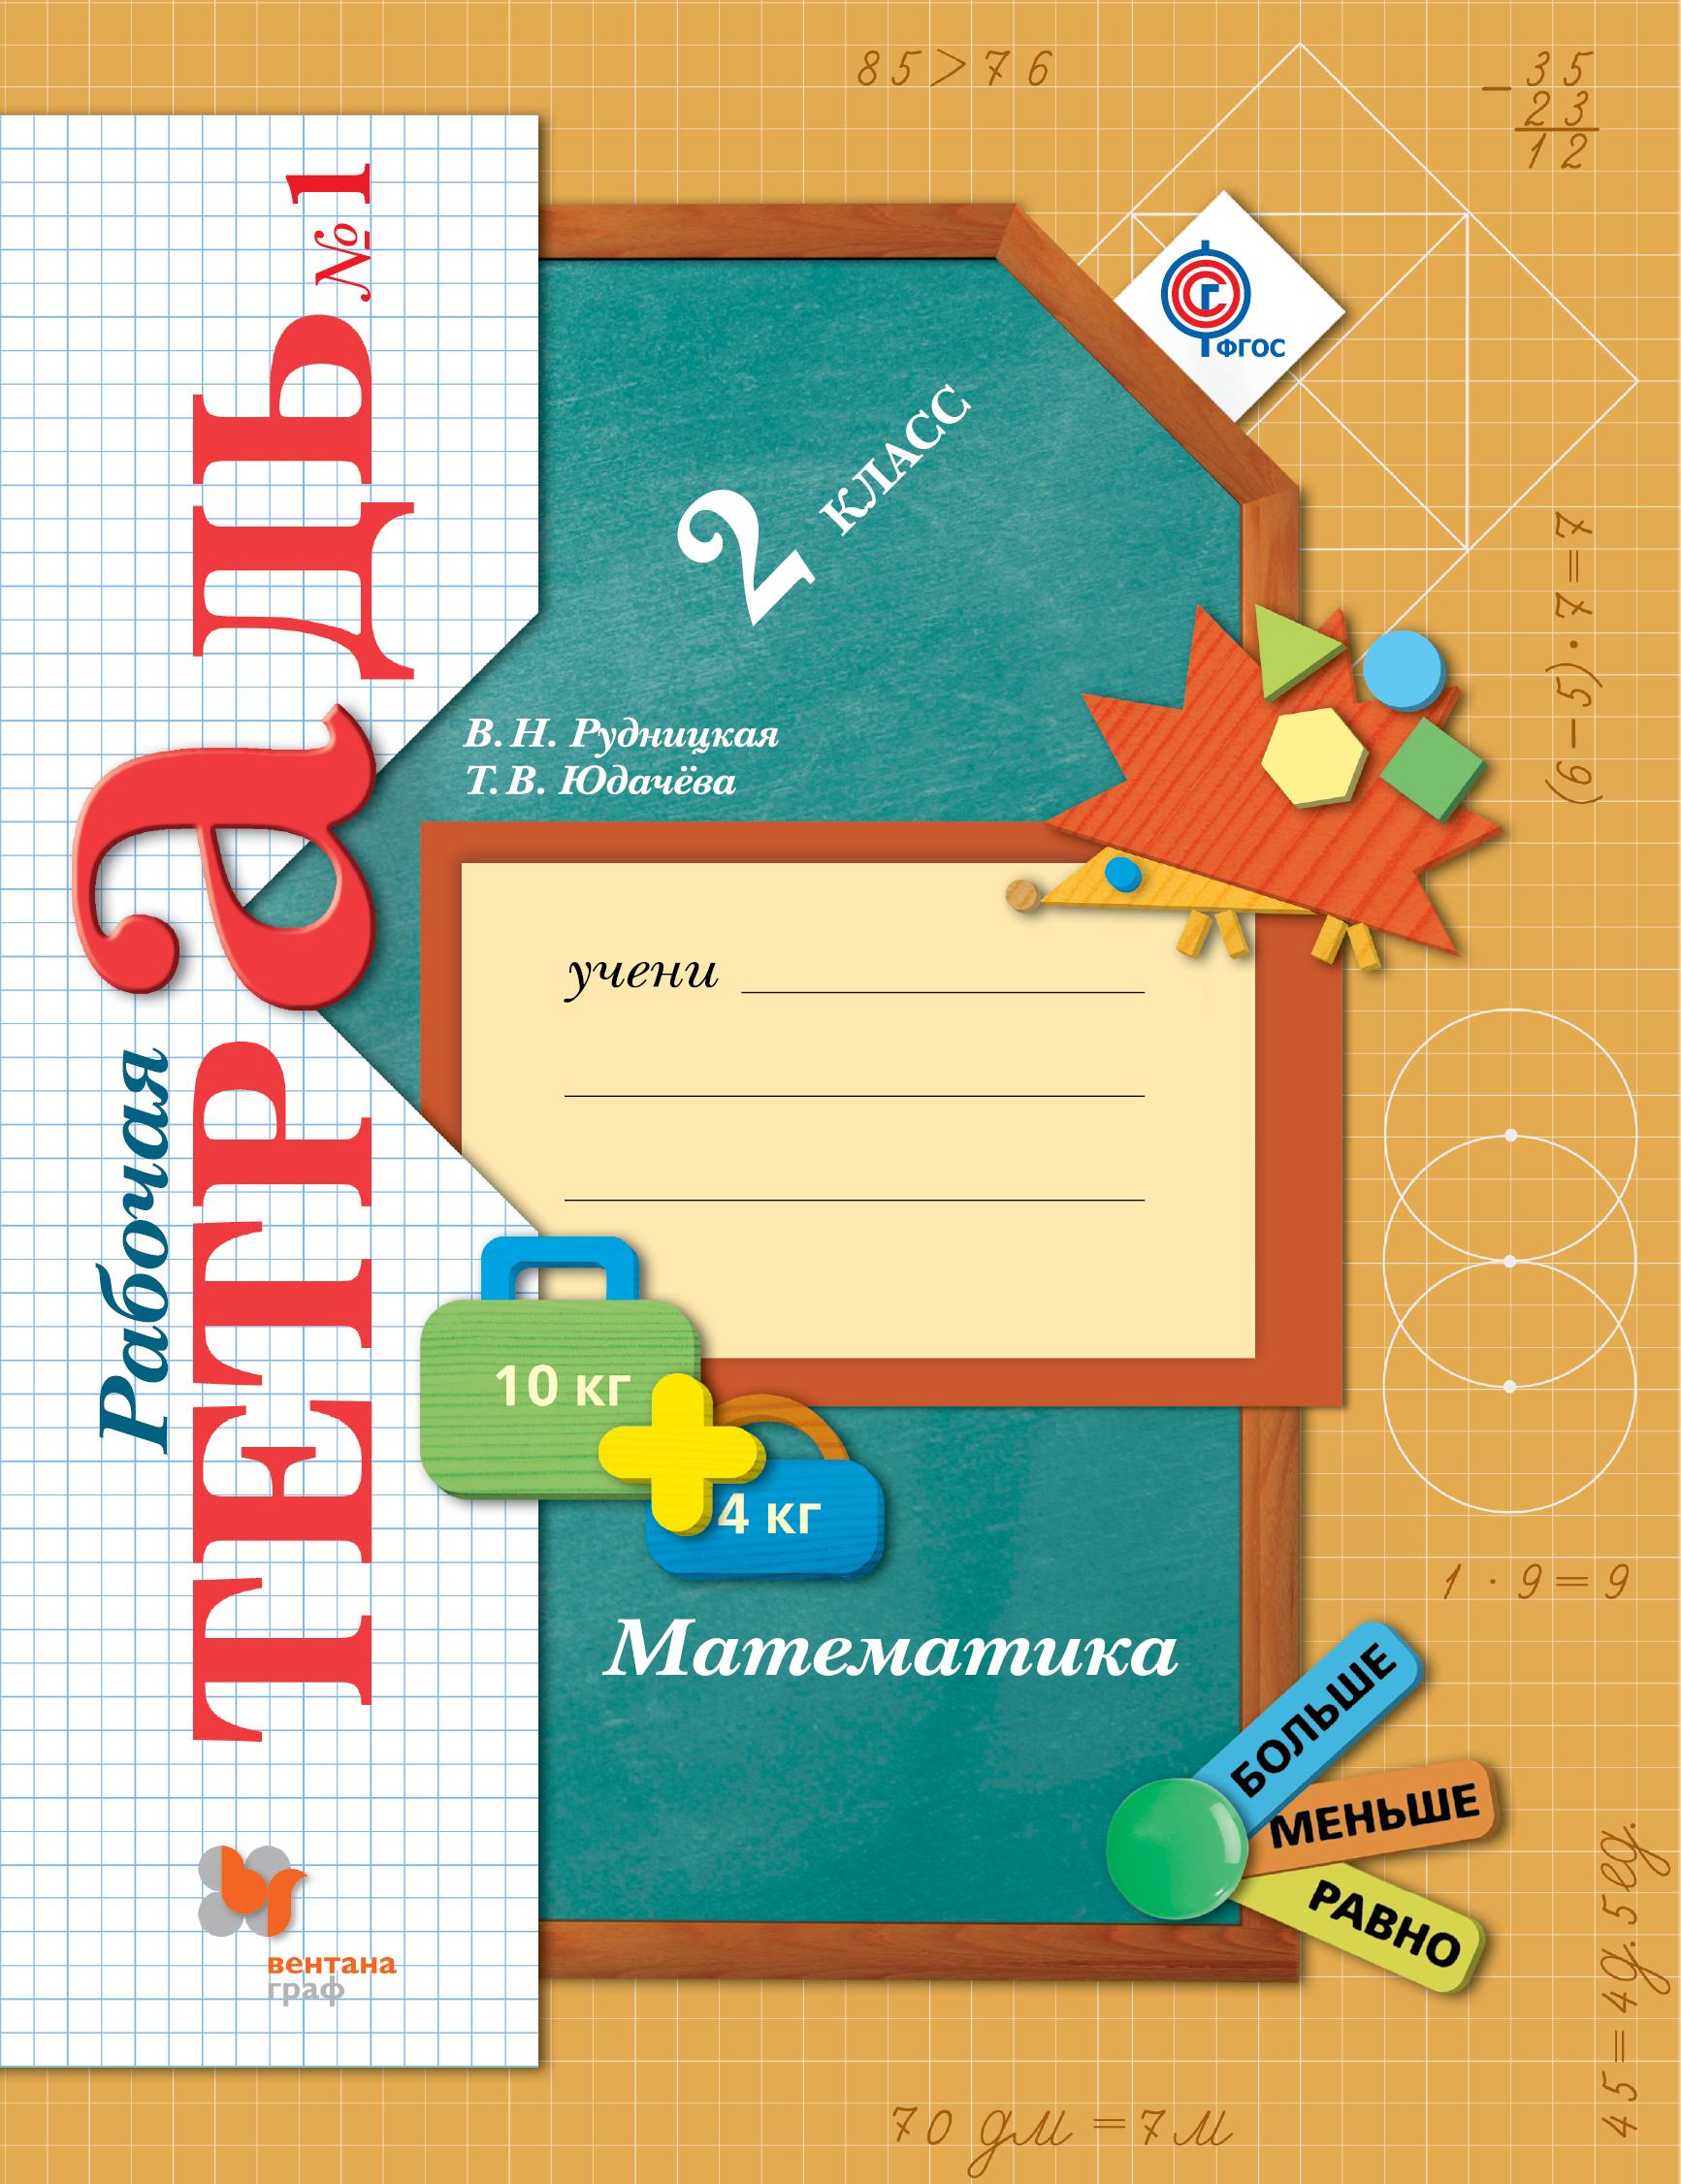 В. Н. Рудницкая, Т. В. Юдачева Математика. 2класс. Рабочая тетрадь №1 минаева с с зяблова е н математика 2кл рабочая тетрадь 2